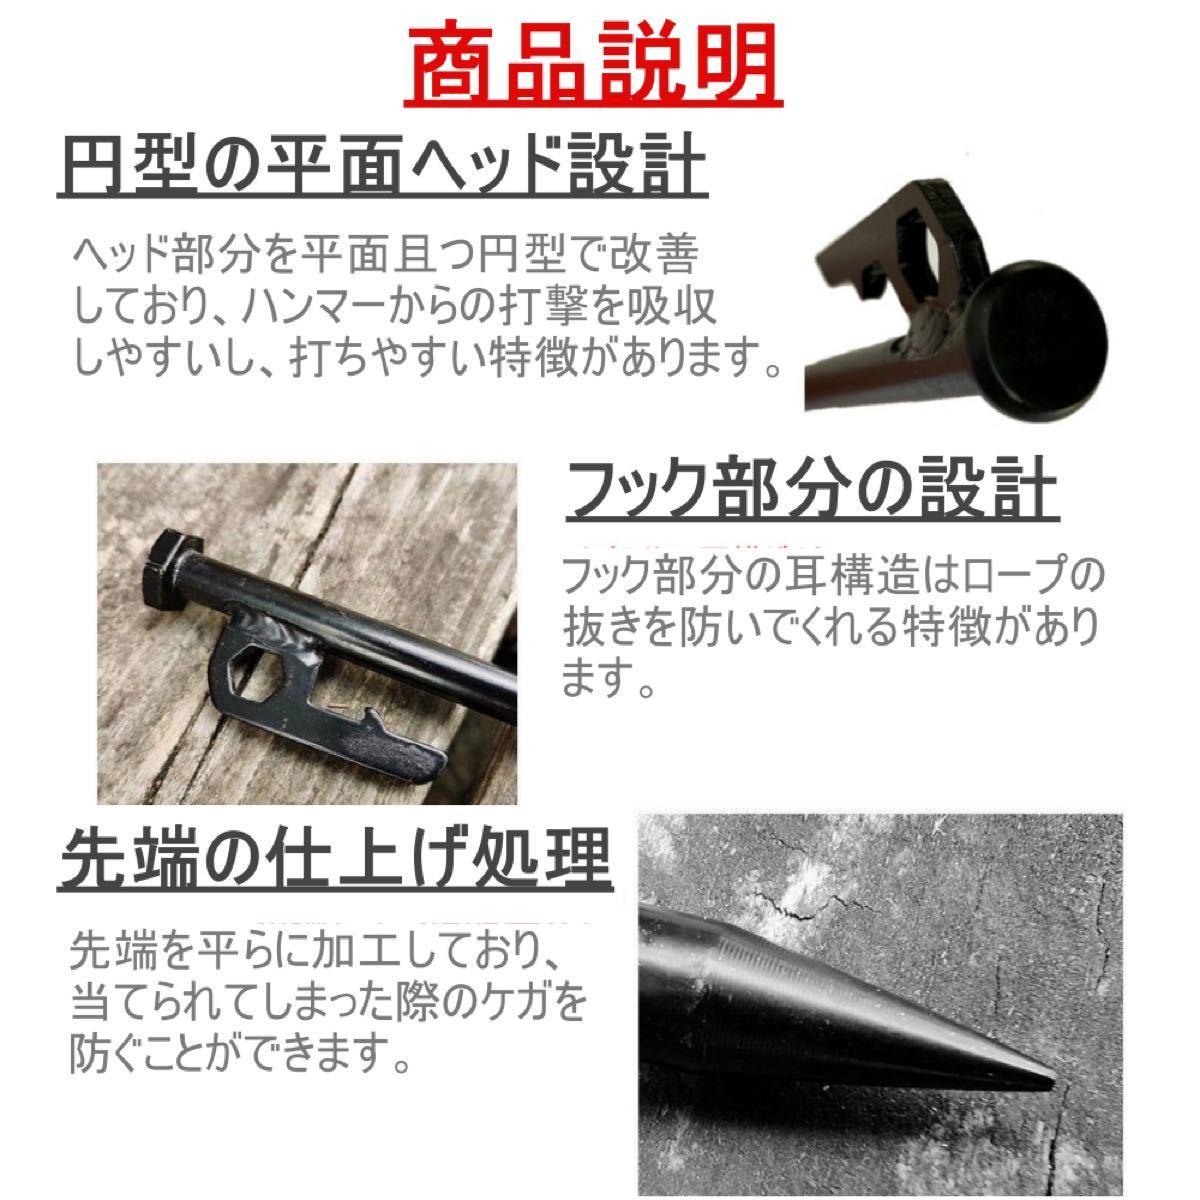 ペグ スチールペグ 鍛造ペグ 20cm 8本セット アウトドア/キャンプ用品